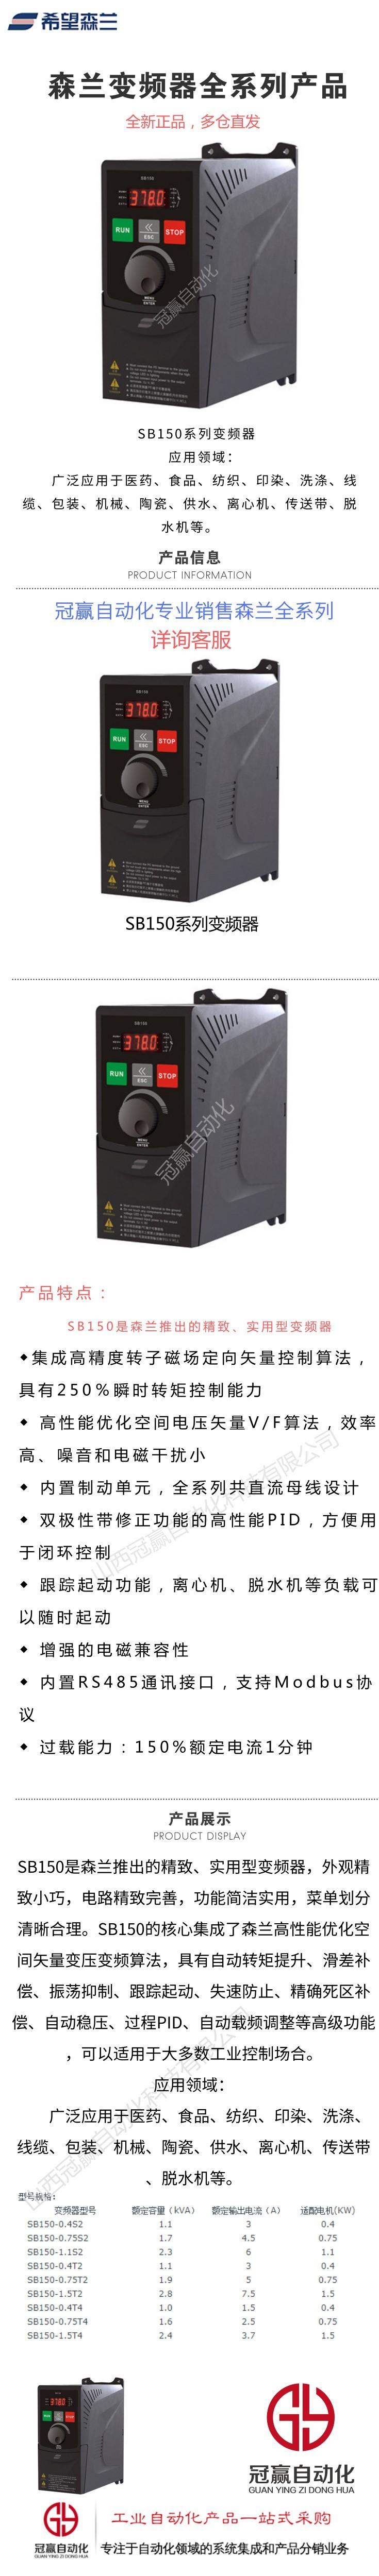 森兰变频器|SB150系列变频器